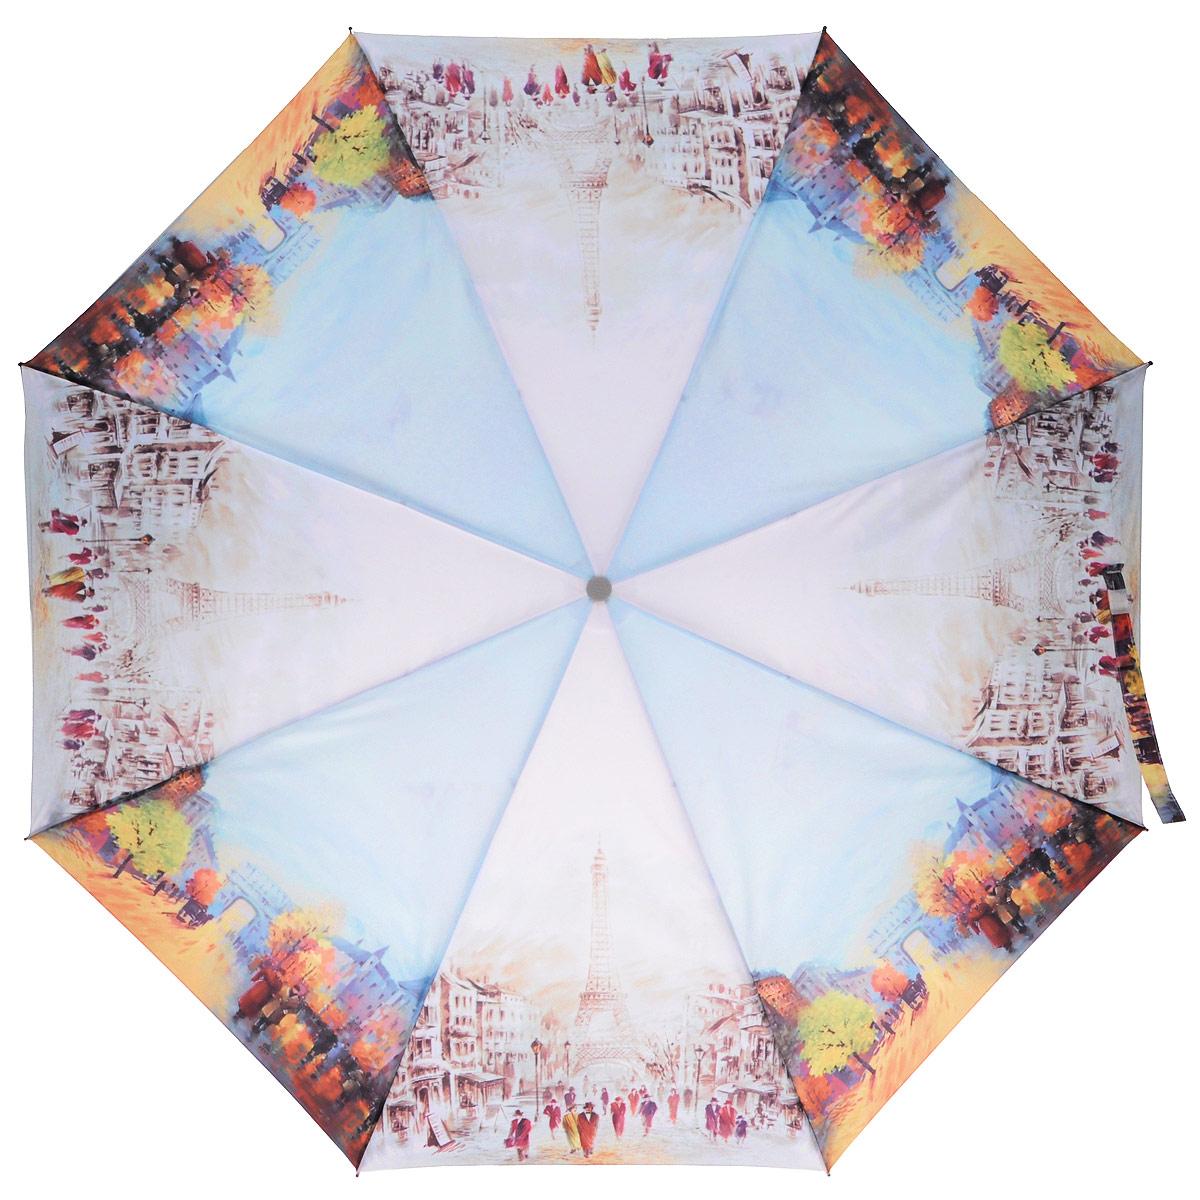 Зонт женский Zest, автомат, 3 сложения, цвет: голубой, розовый. 23745-801823745-8018Модный автоматический зонт Zest в 3 сложения изготовлен из высокопрочных материалов. Каркас зонта состоит из 8 спиц из фибергласса и прочного алюминиевого стержня. Специальная система Windproof защищает его от поломок во время сильных порывов ветра. Купол зонта выполнен из прочного полиэстера с водоотталкивающей пропиткой и оформлен изображением достопримечательностей Парижа. Используемые высококачественные красители обеспечивают длительное сохранение свойств ткани купола. Рукоятка, разработанная с учетом требований эргономики, выполнена из пластика. Зонт имеет полный автоматический механизм сложения: купол открывается и закрывается нажатием кнопки на рукоятке, стержень складывается вручную до характерного щелчка. Благодаря этому открыть и закрыть зонт можно одной рукой, что чрезвычайно удобно при входе в транспорт или помещение. Небольшой шнурок, расположенный на рукоятке, позволяет надеть изделие на руку при необходимости. К зонту прилагается чехол. Такой зонт не...